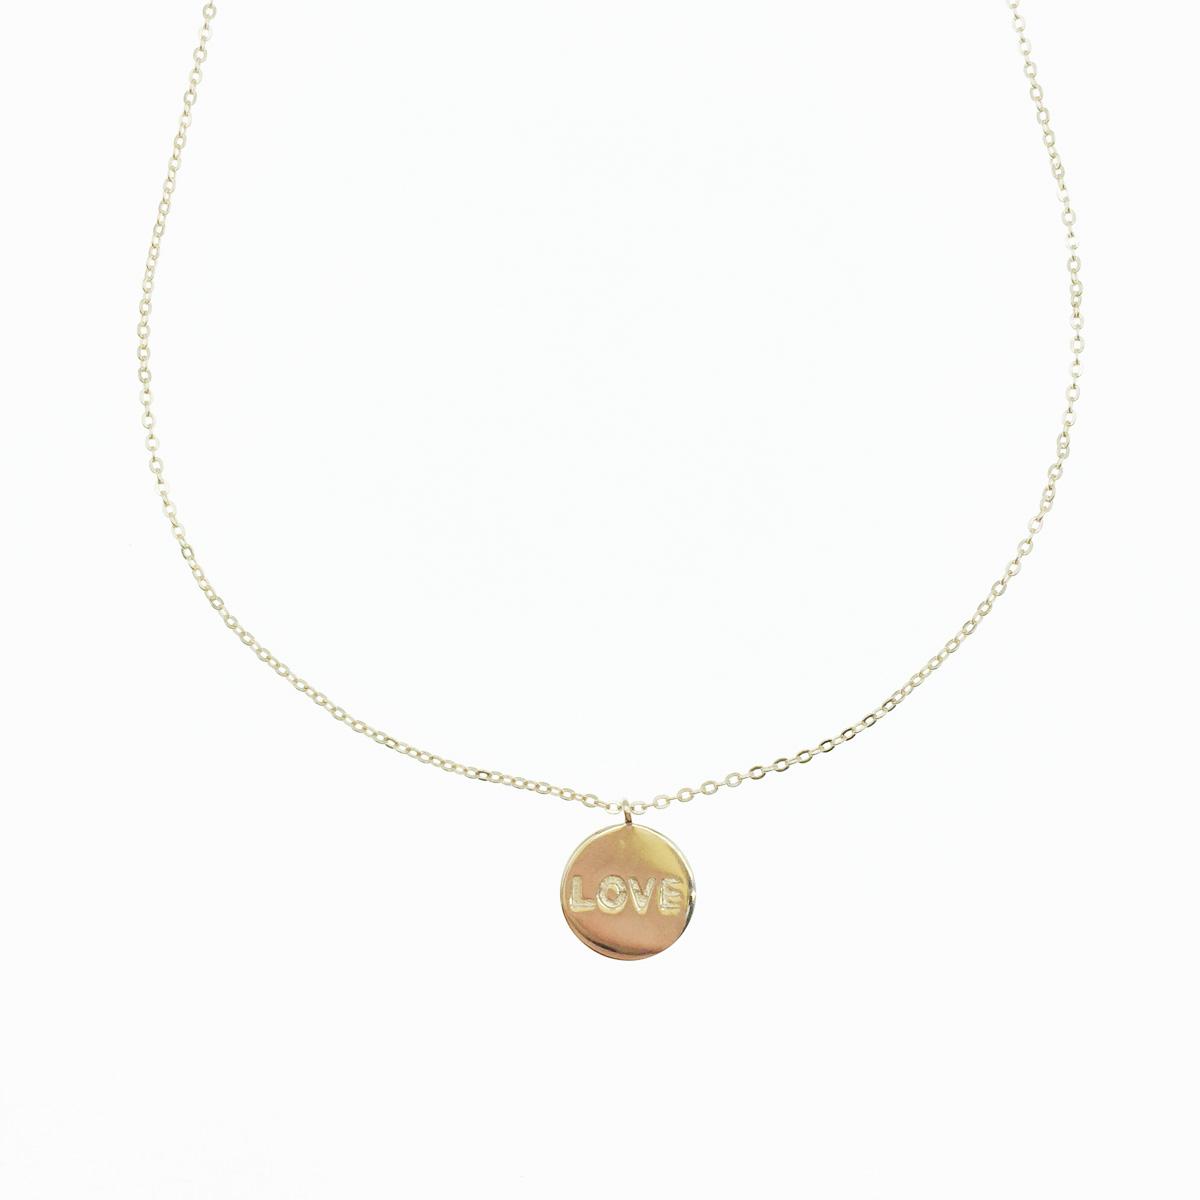 韓國 925純銀 英文字母 LOVE 圓吊牌 玫瑰金 項鍊